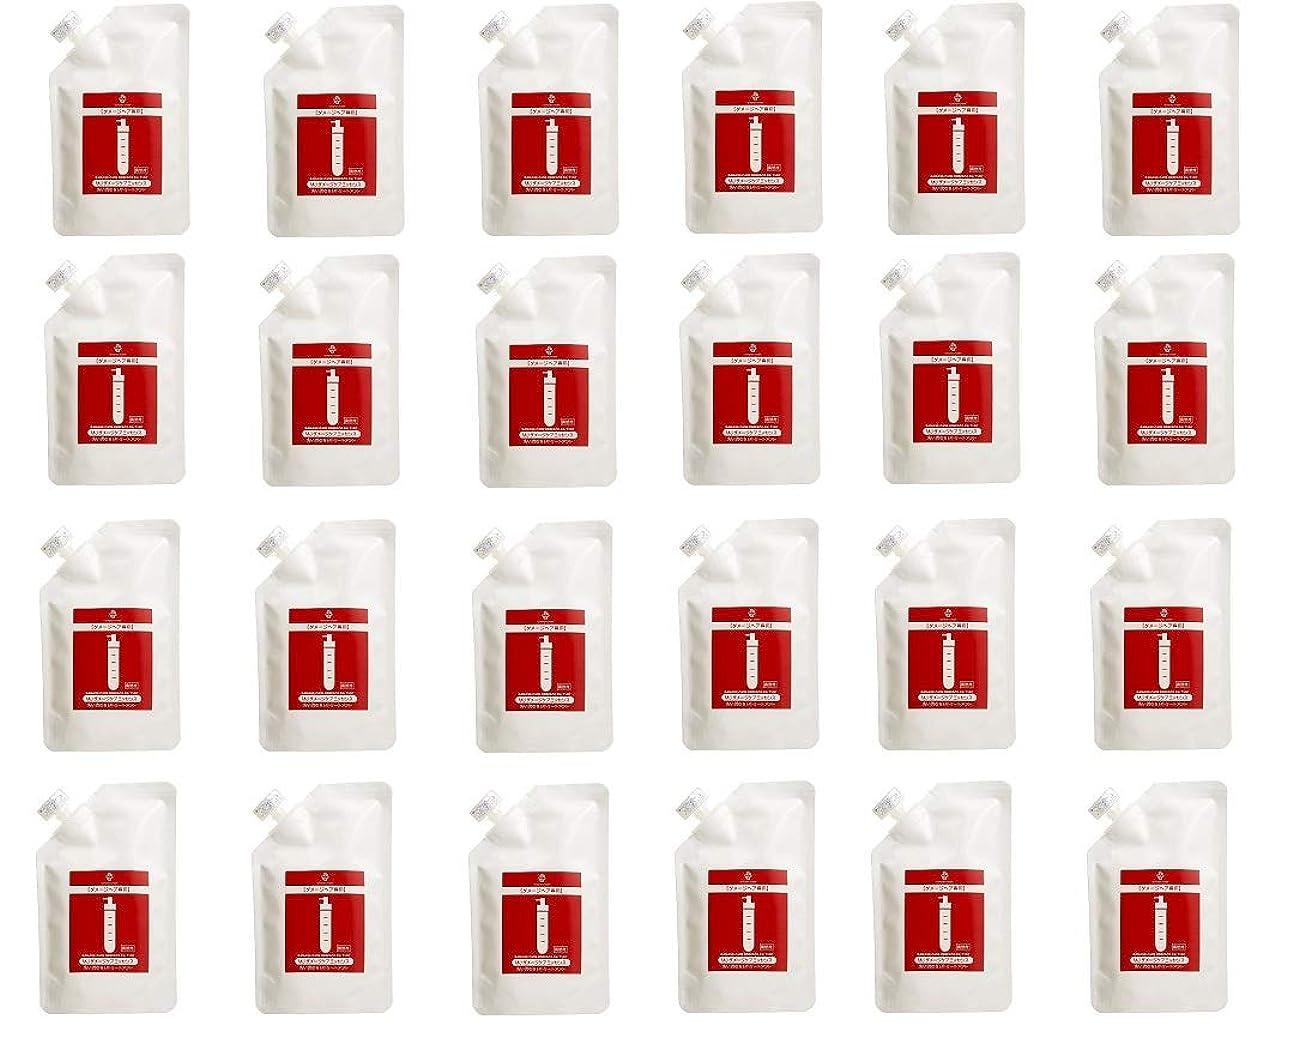 部分的不潔粘り強い【24個セット】 マーガレット ジョセフィン ダメージケアエッセンス 詰替え用 120ml